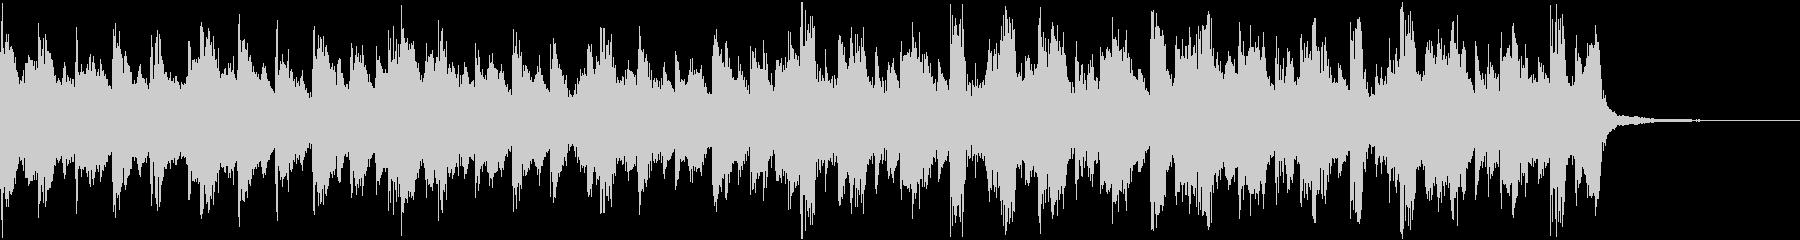 きらきらピアノ企業VPコーポレートeの未再生の波形